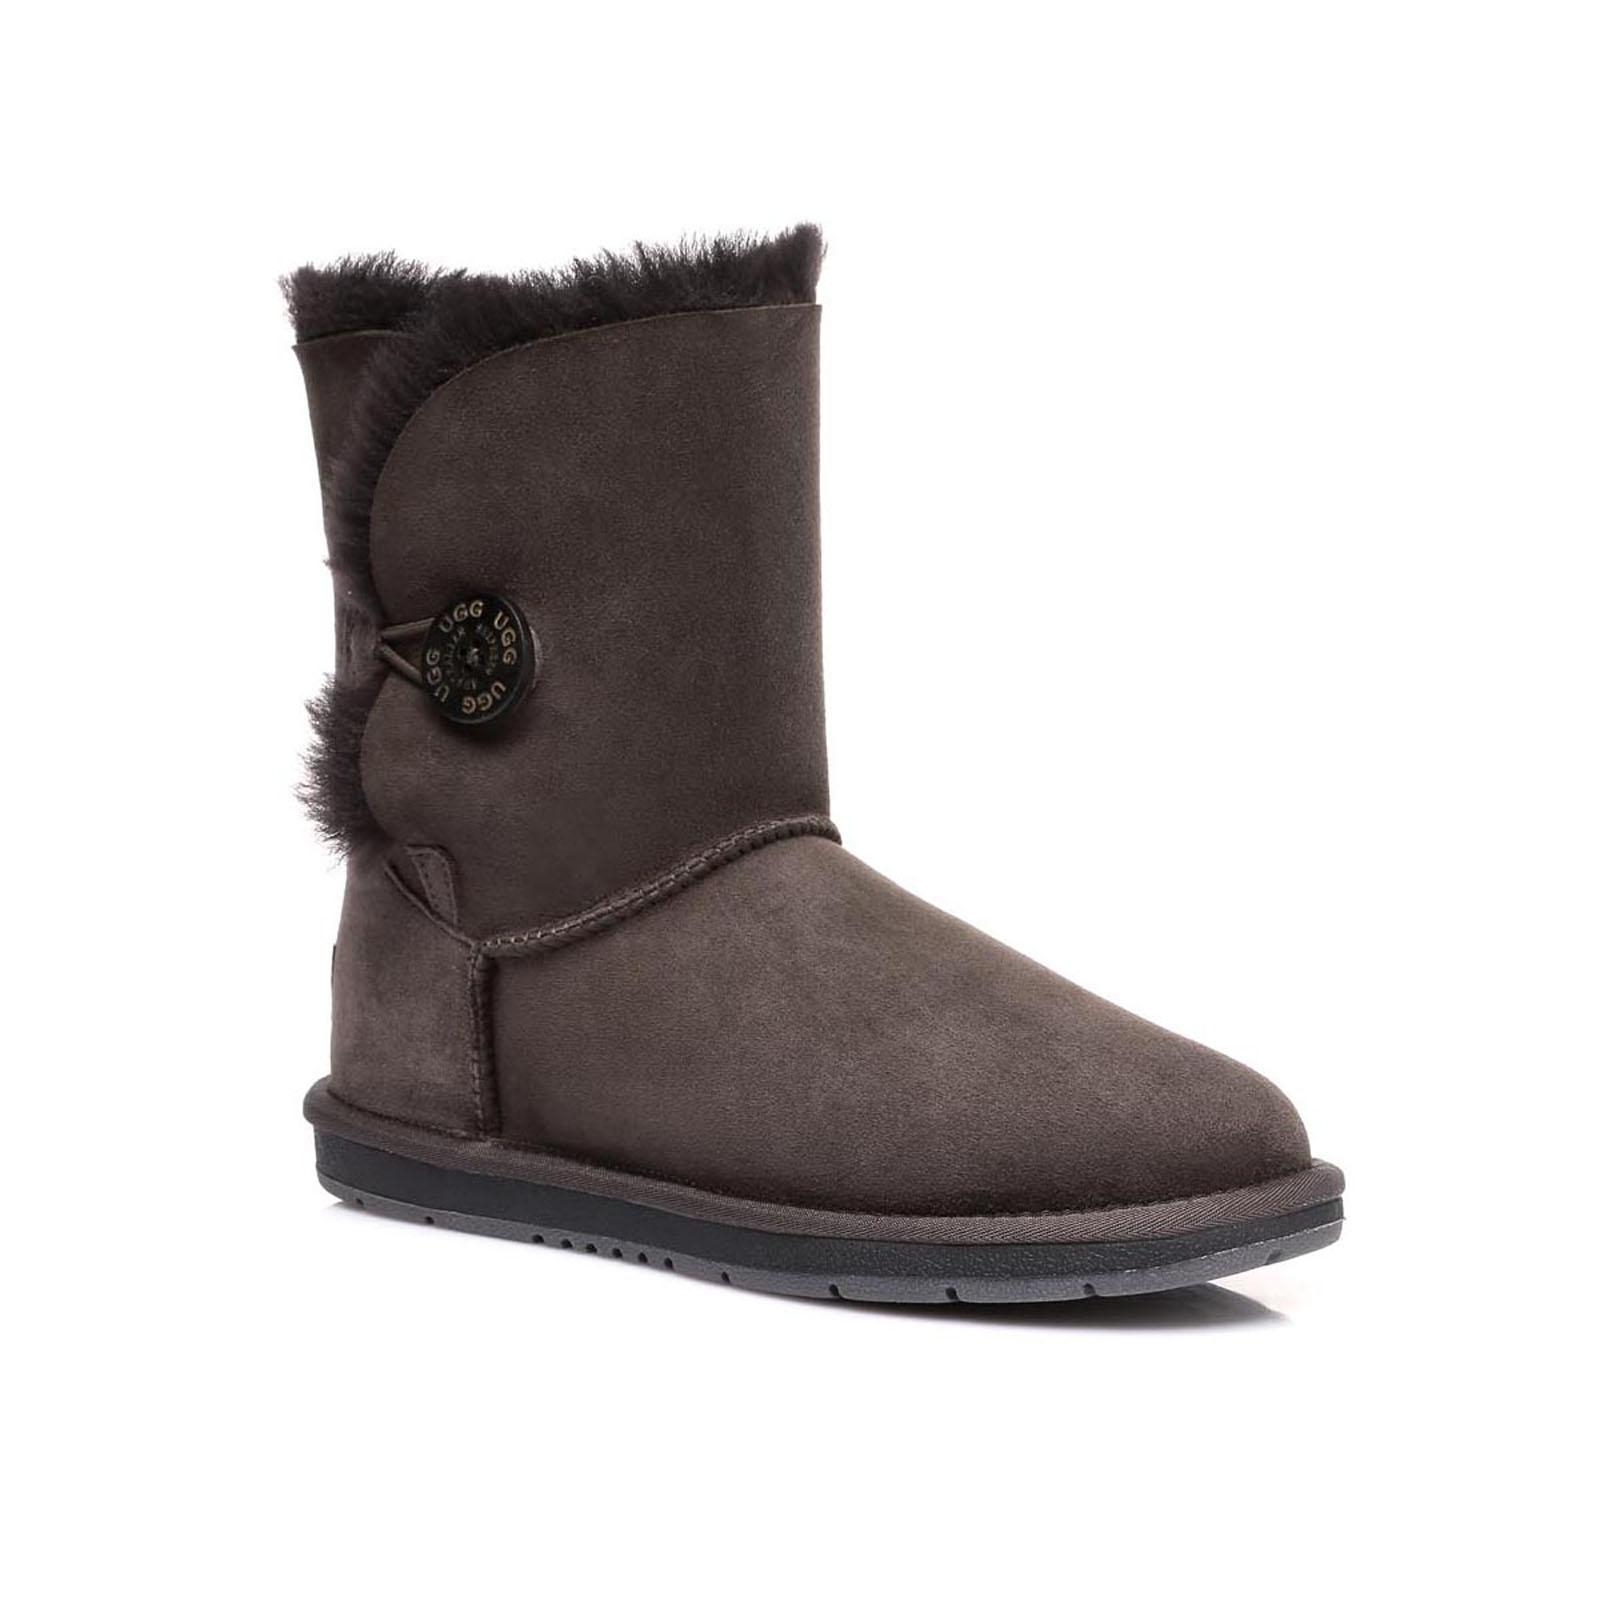 Ugg-Boots-Women-Classic-Short-Button-Shearling-Lined-Casual-Black-Size-35-41-EU